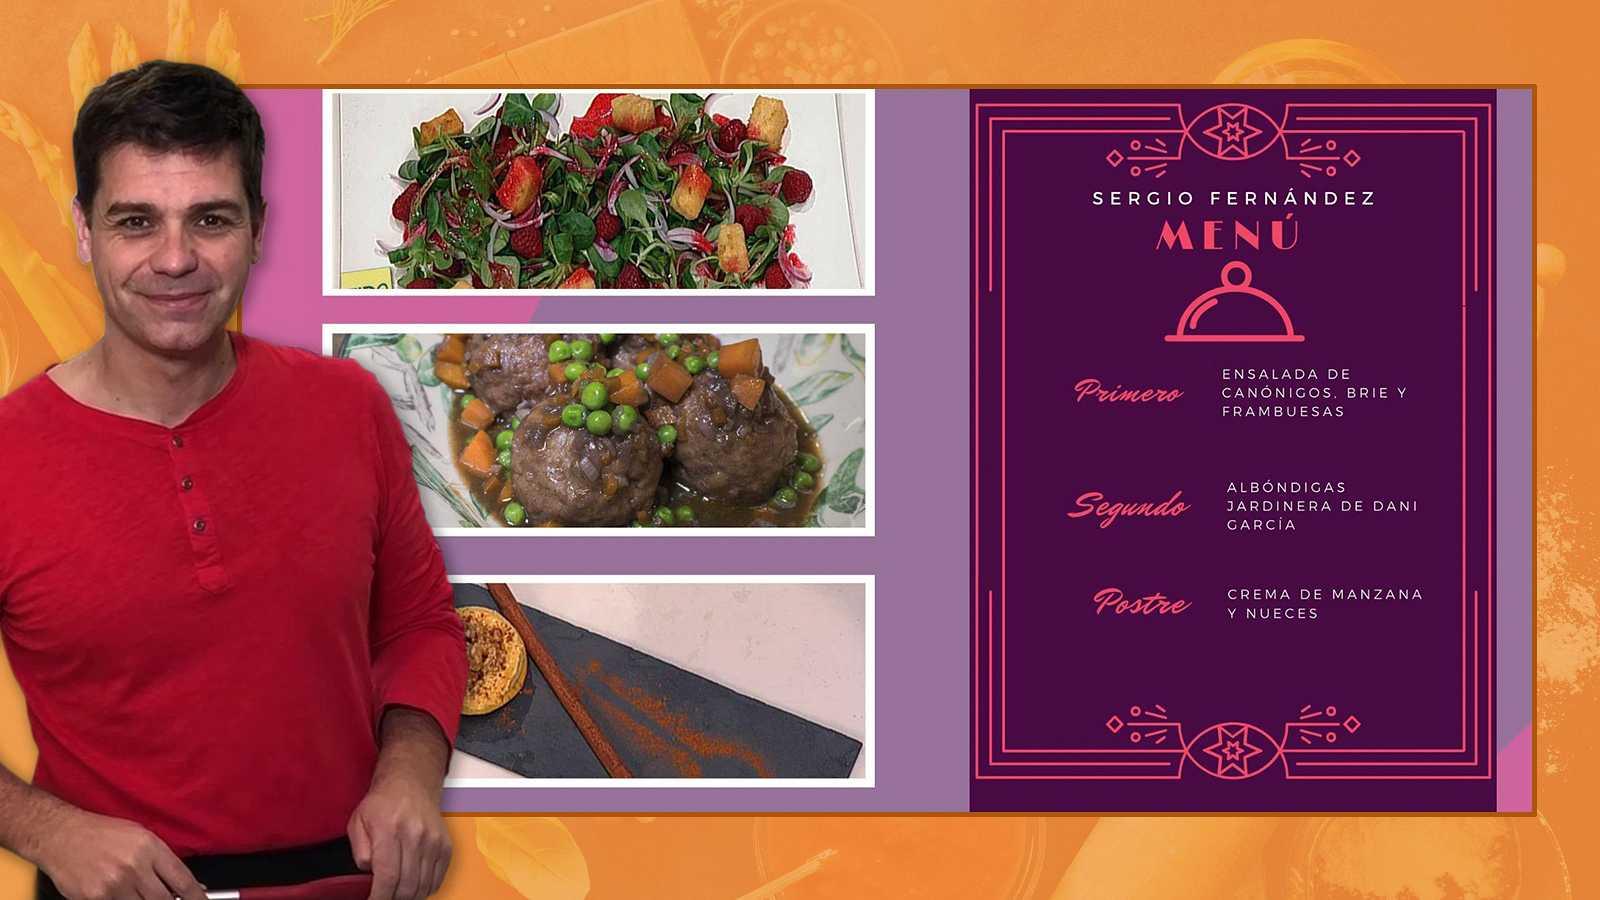 Recetas de cuarentena con Sergio - El menú de Sergio Fernández para cocinar en cuarentena